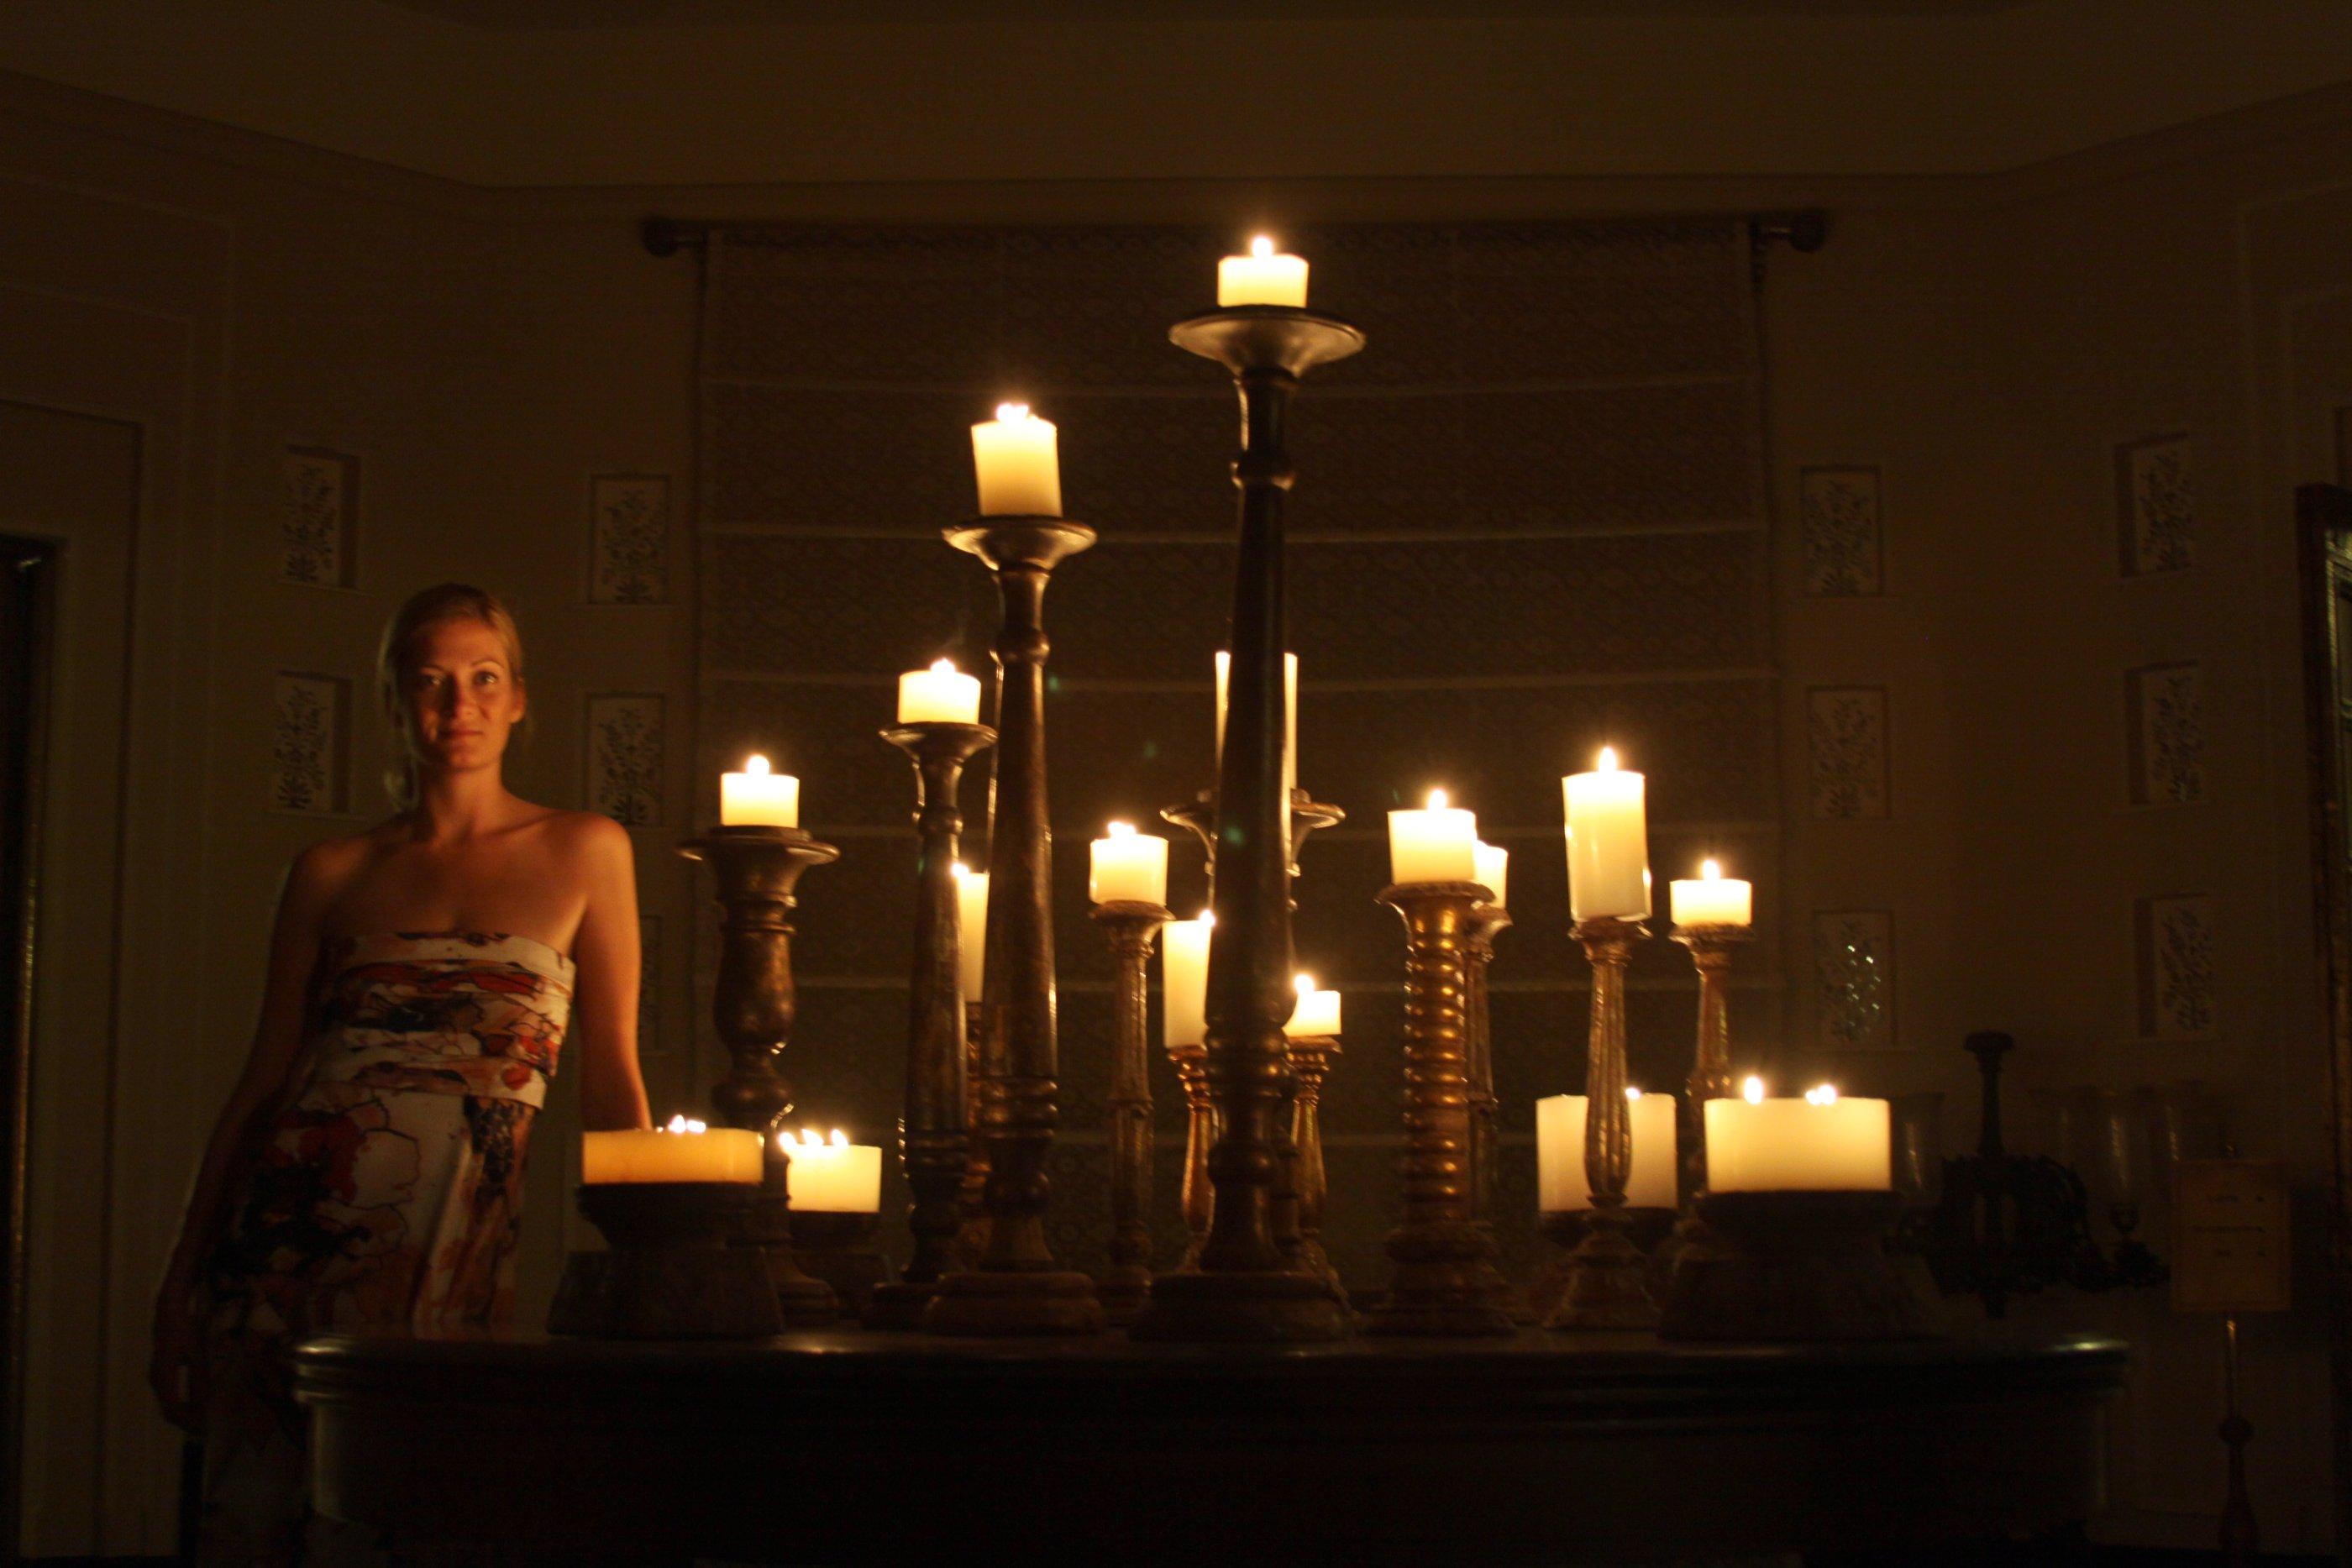 Oberoi Candles